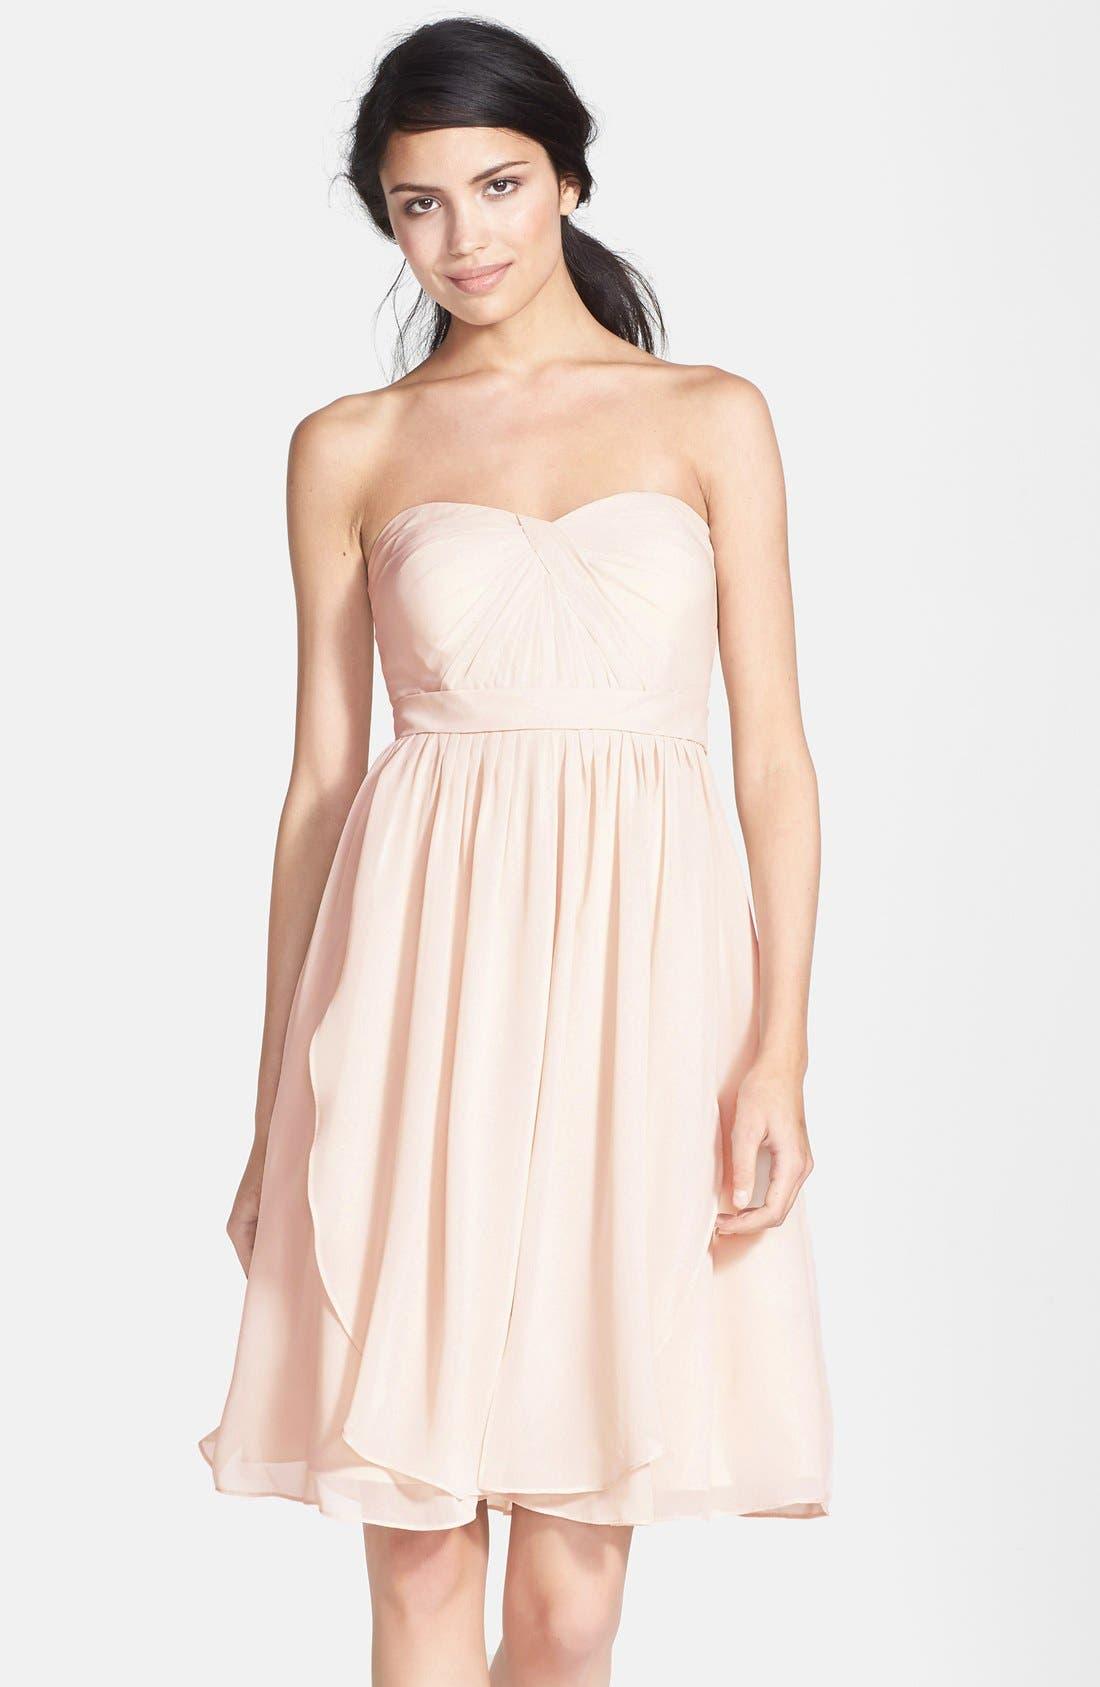 Alternate Image 1 Selected - Jenny Yoo 'Keira' Convertible Strapless Chiffon Dress